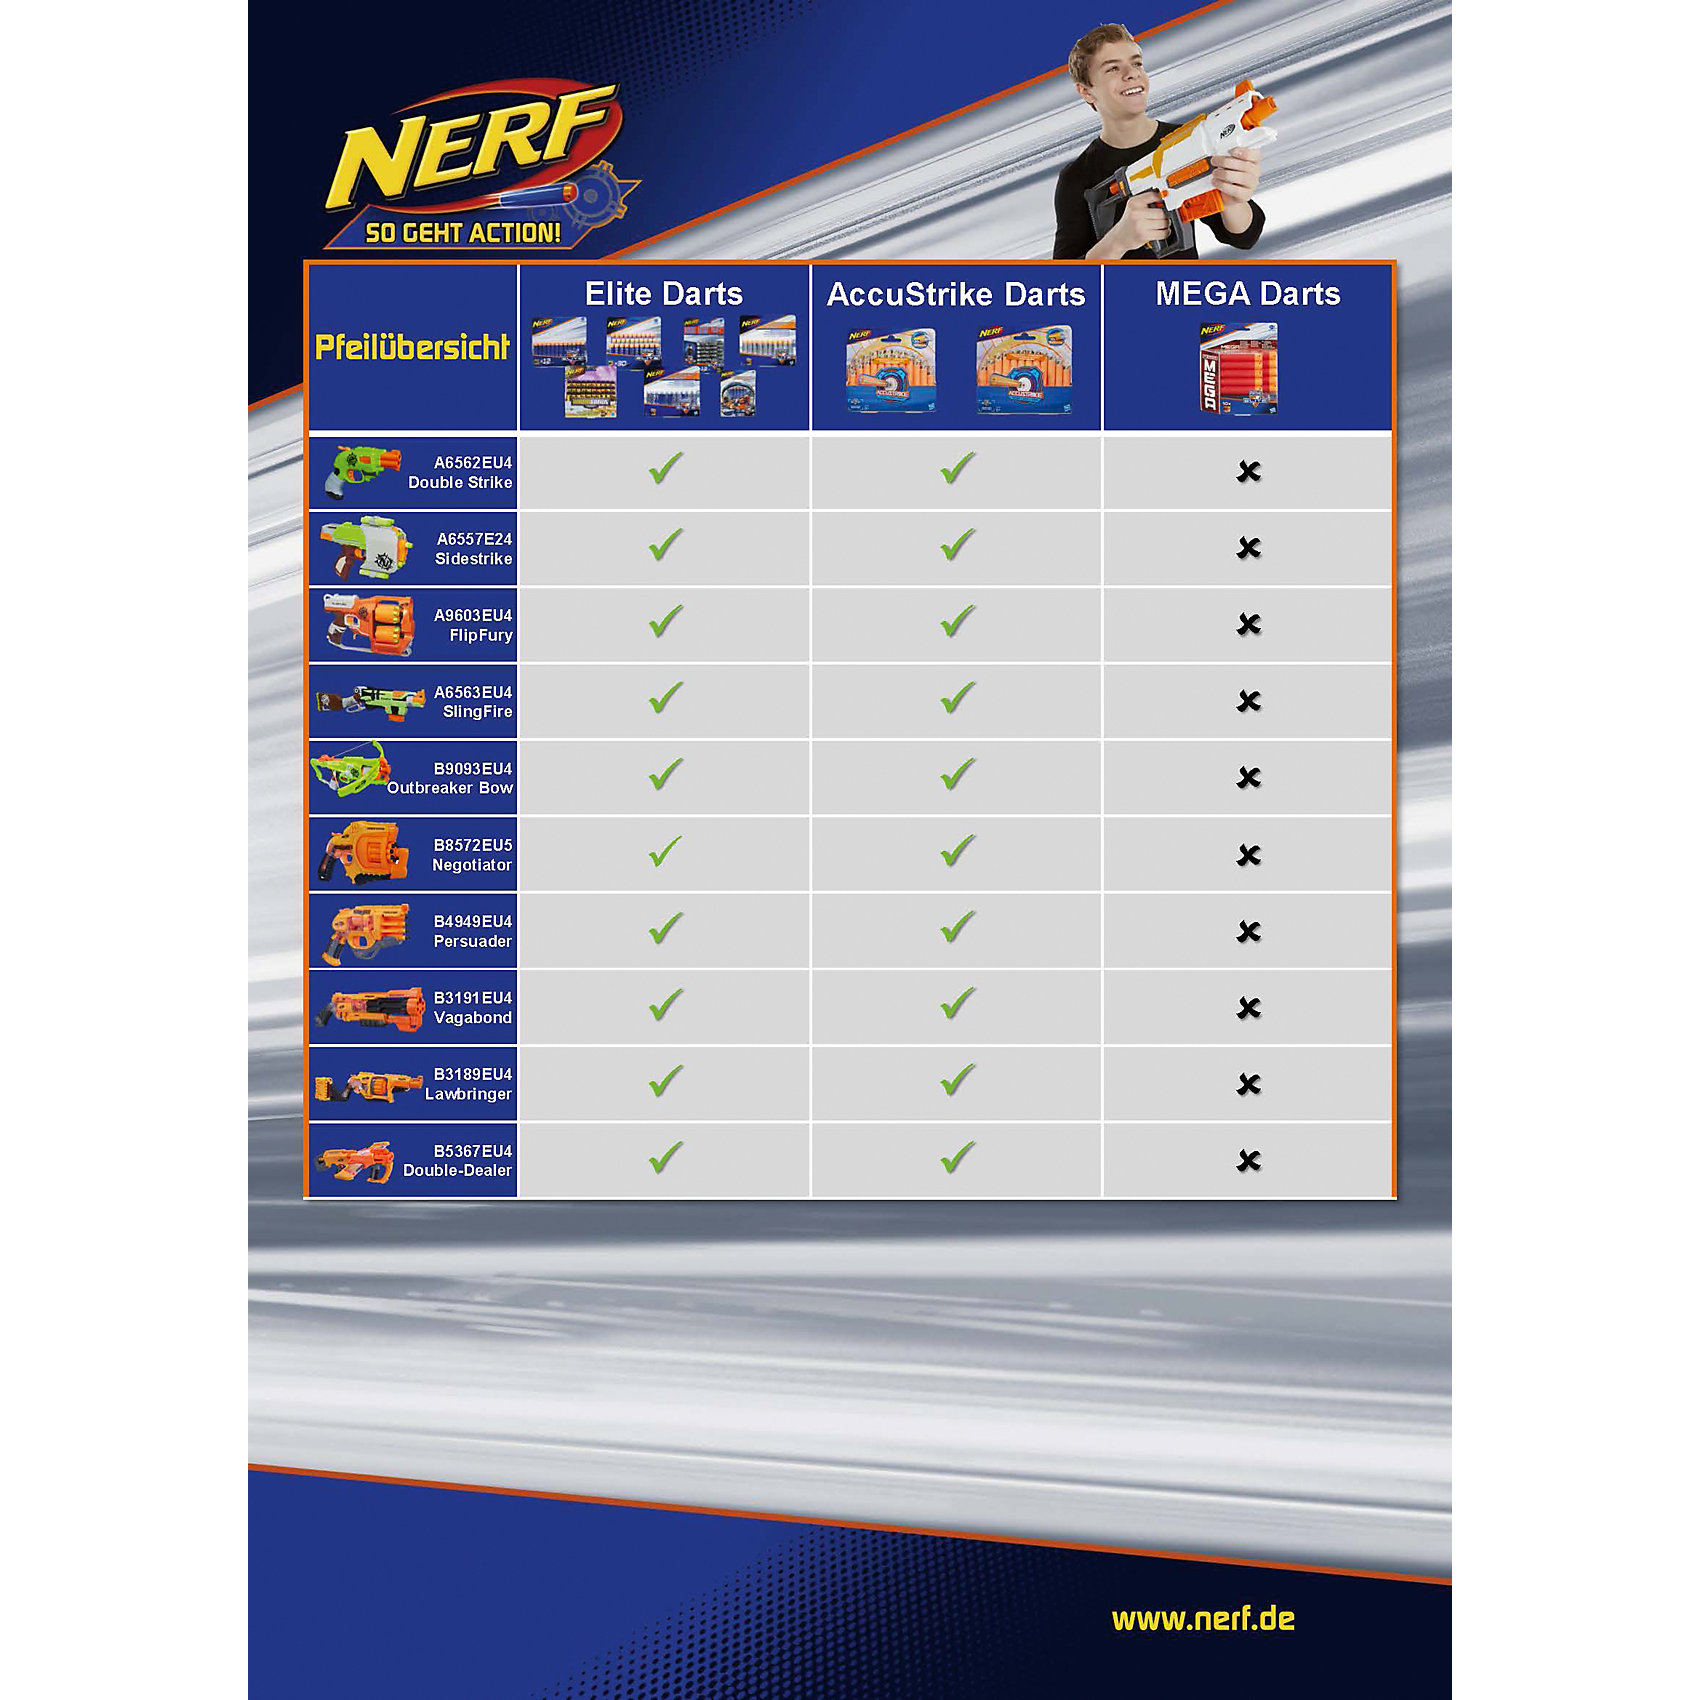 �������� 12 ����� ��� ���������, NERF (Hasbro)